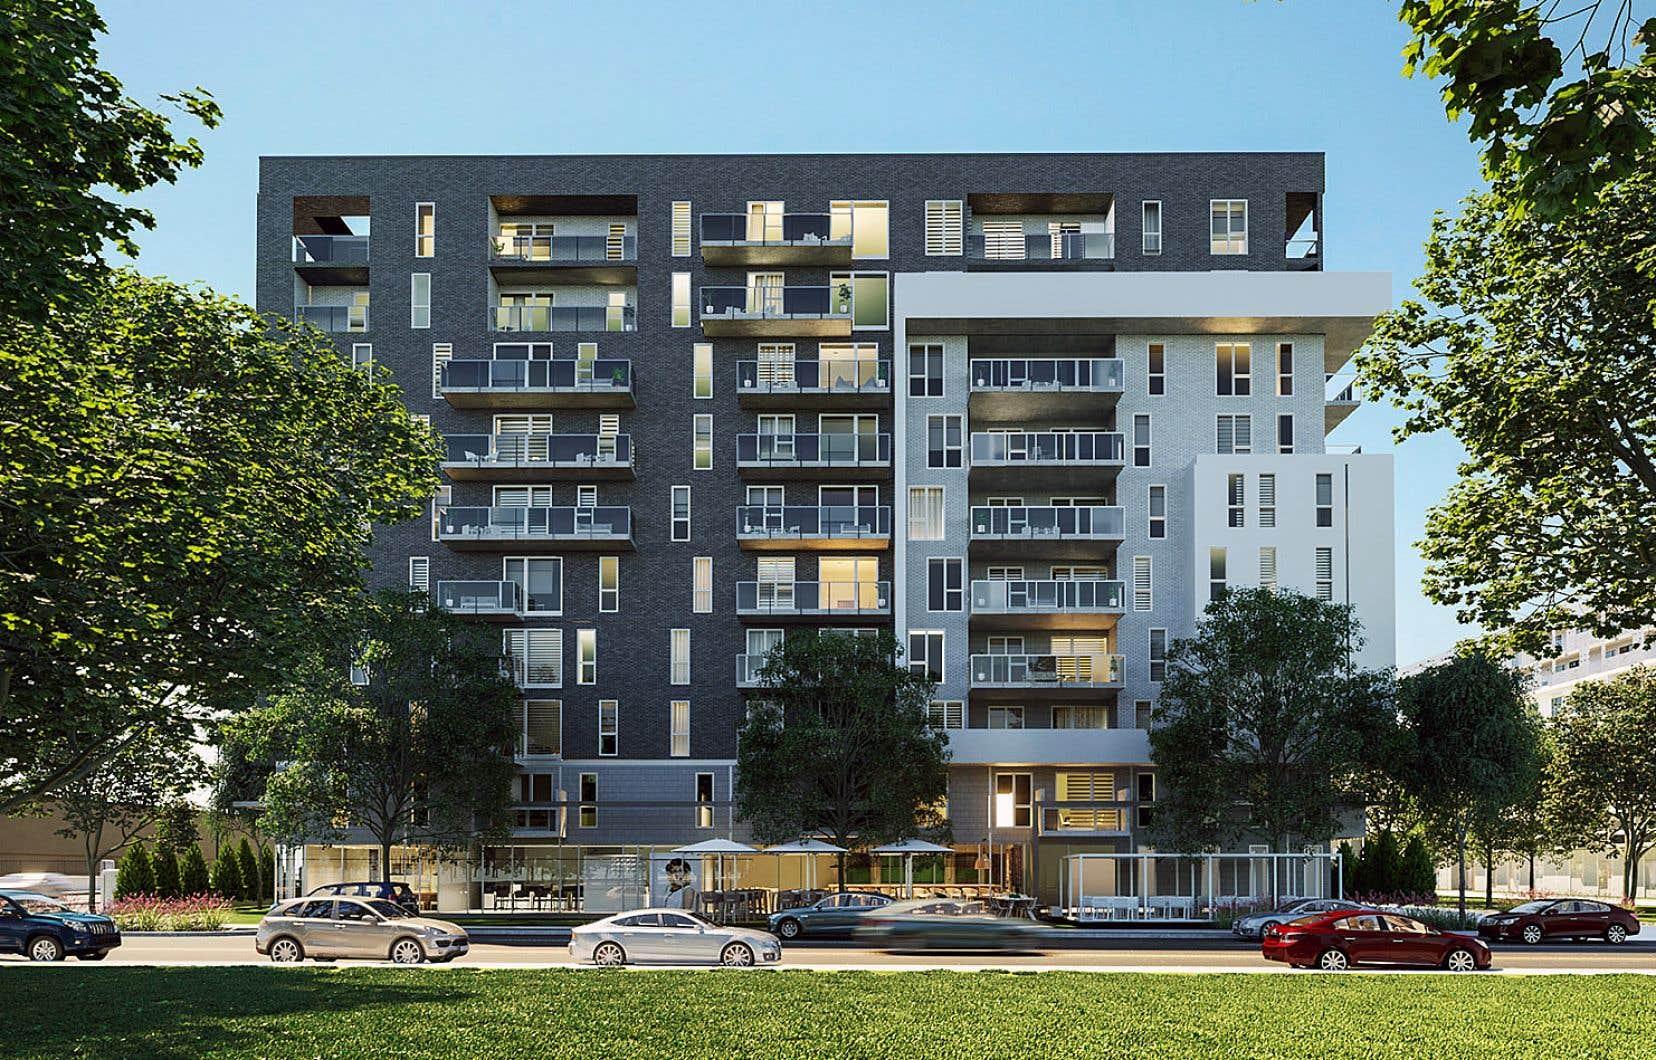 La proposition tient en trois lettres: M pour architecture moderne, U pour cadre de vie urbain et V pour environnement de verdure.